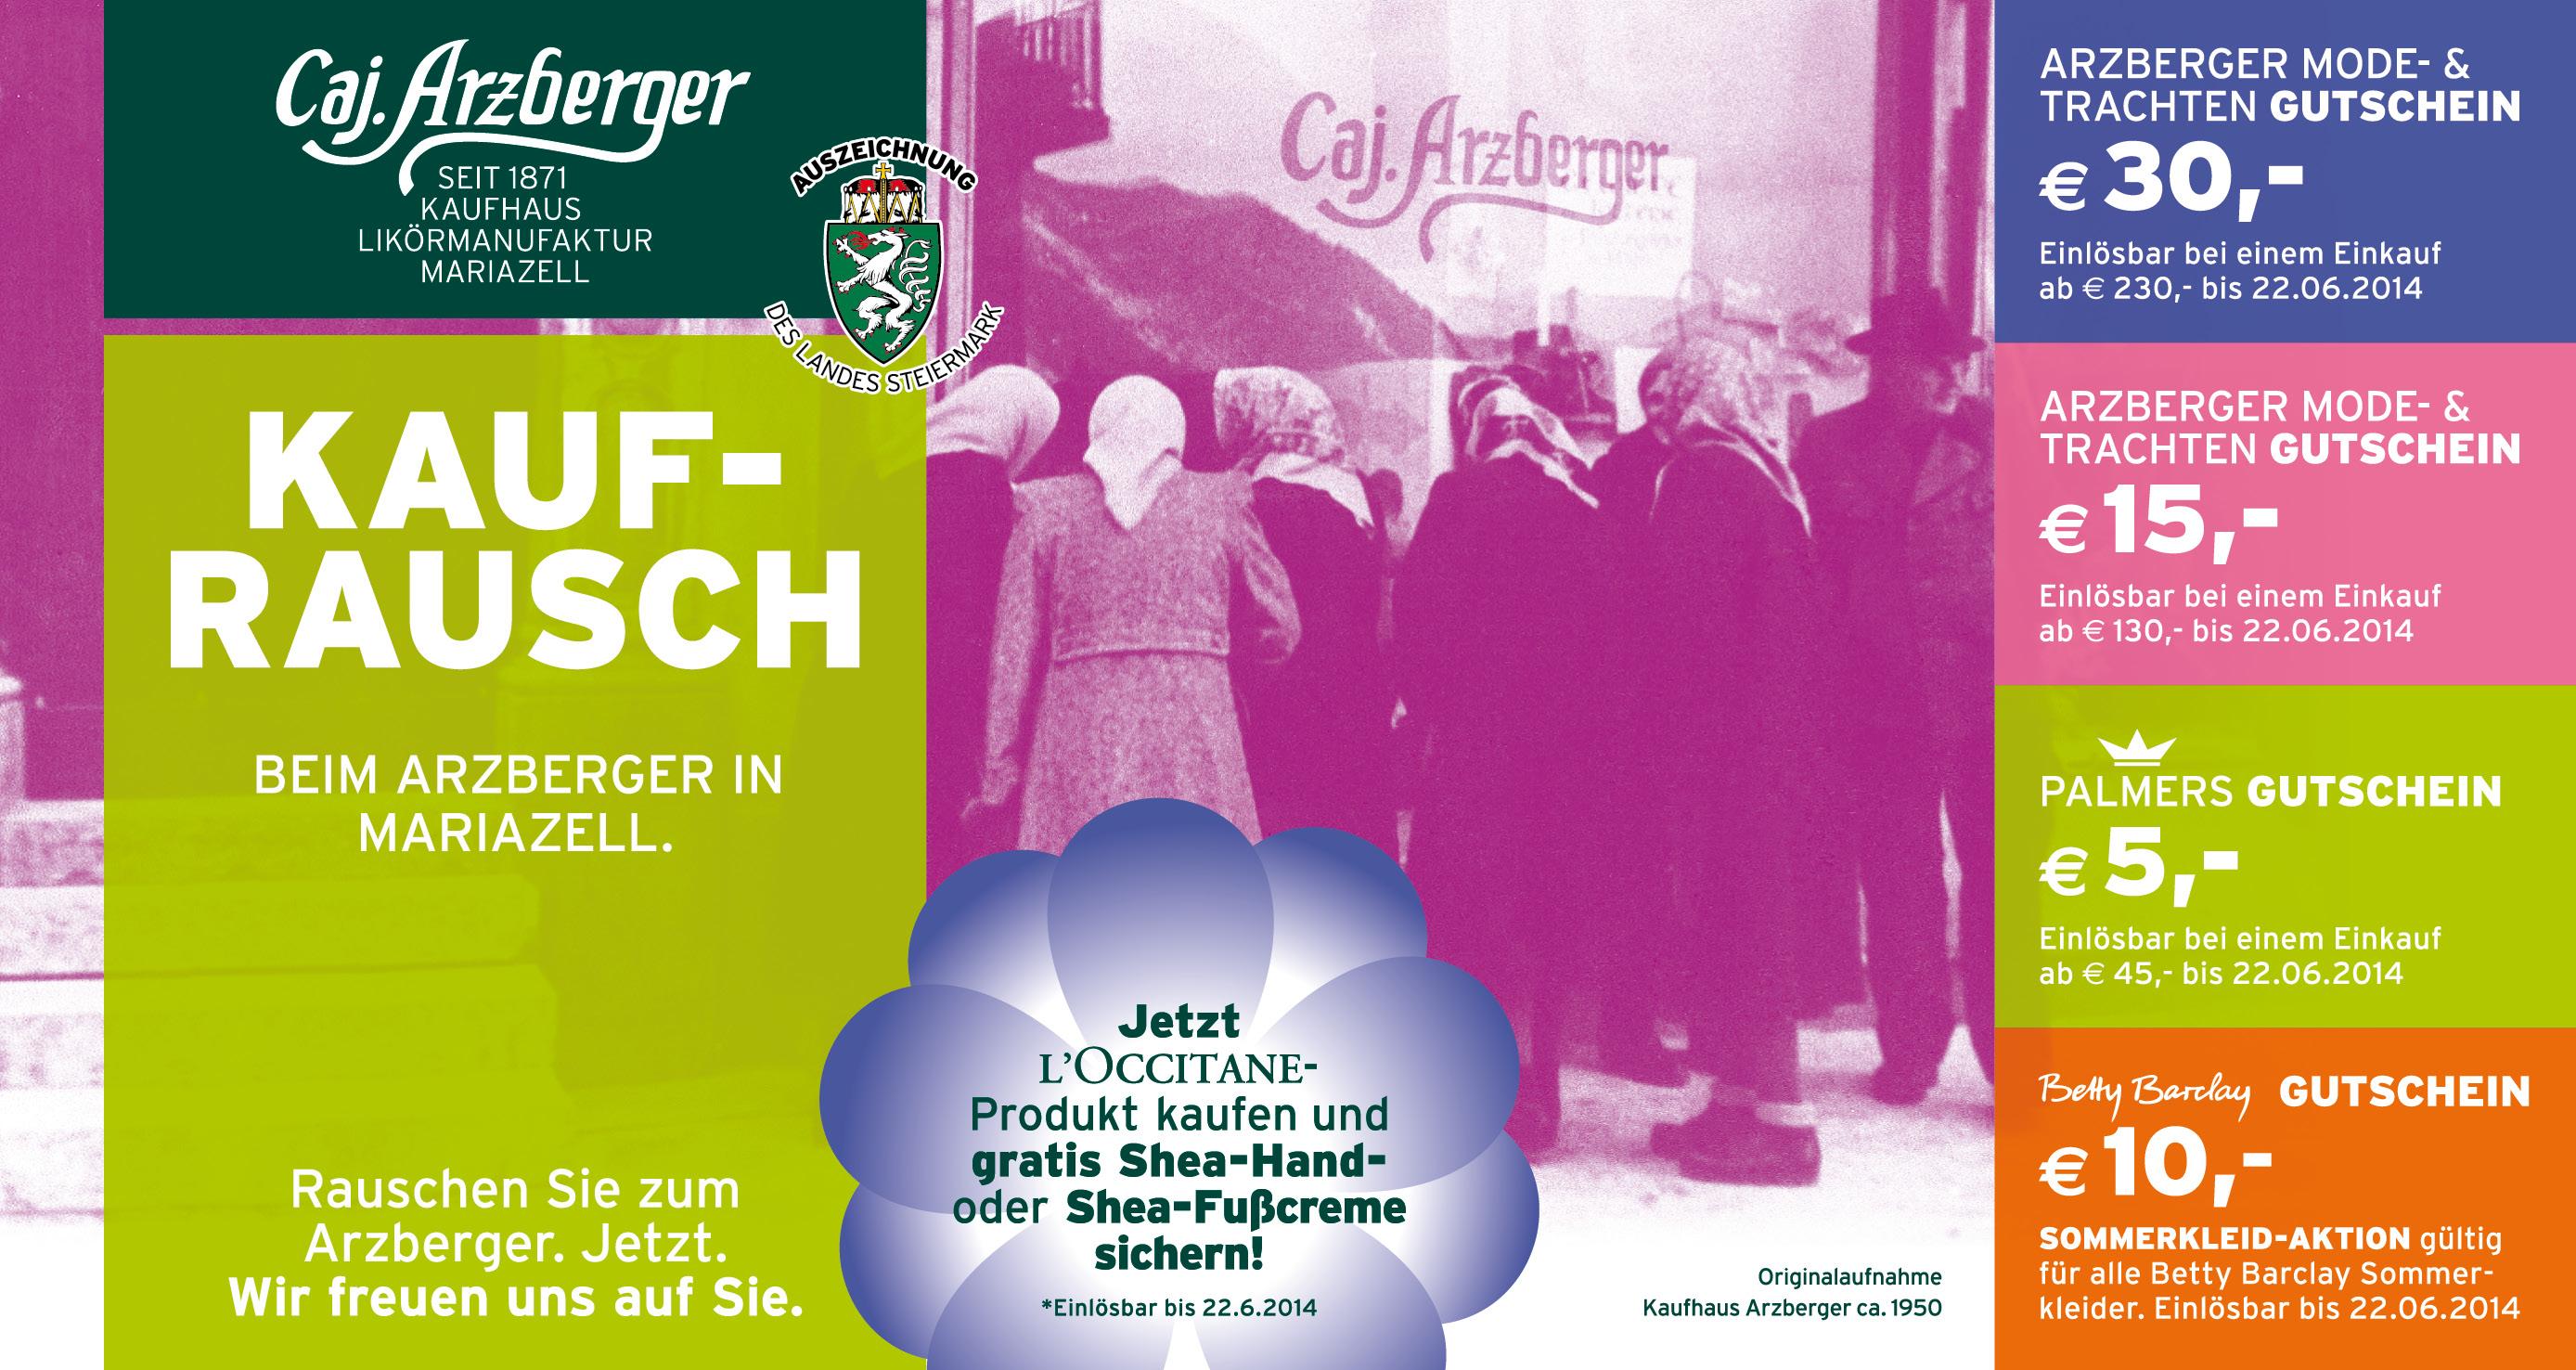 Arzberger – Mariazell - die Likörmanufaktur - das Kaufhaus